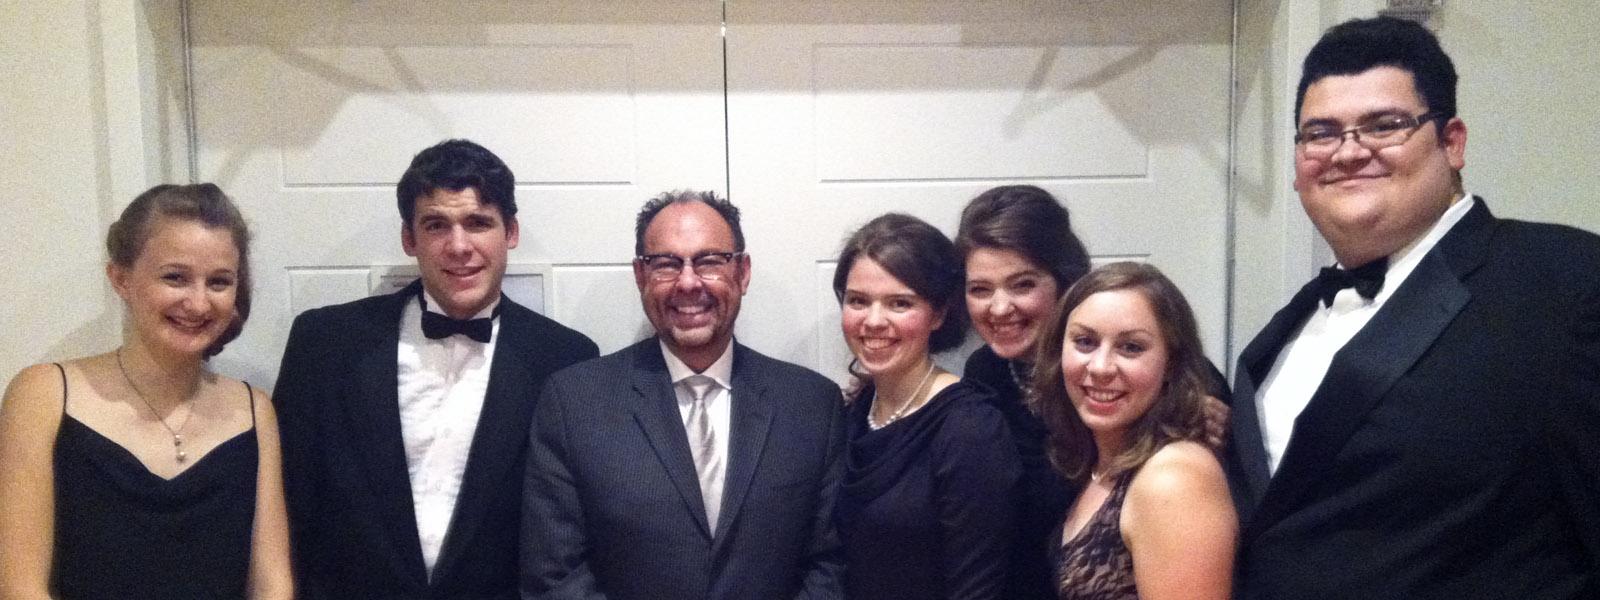 Concert Choir meets with Tim Sharp!